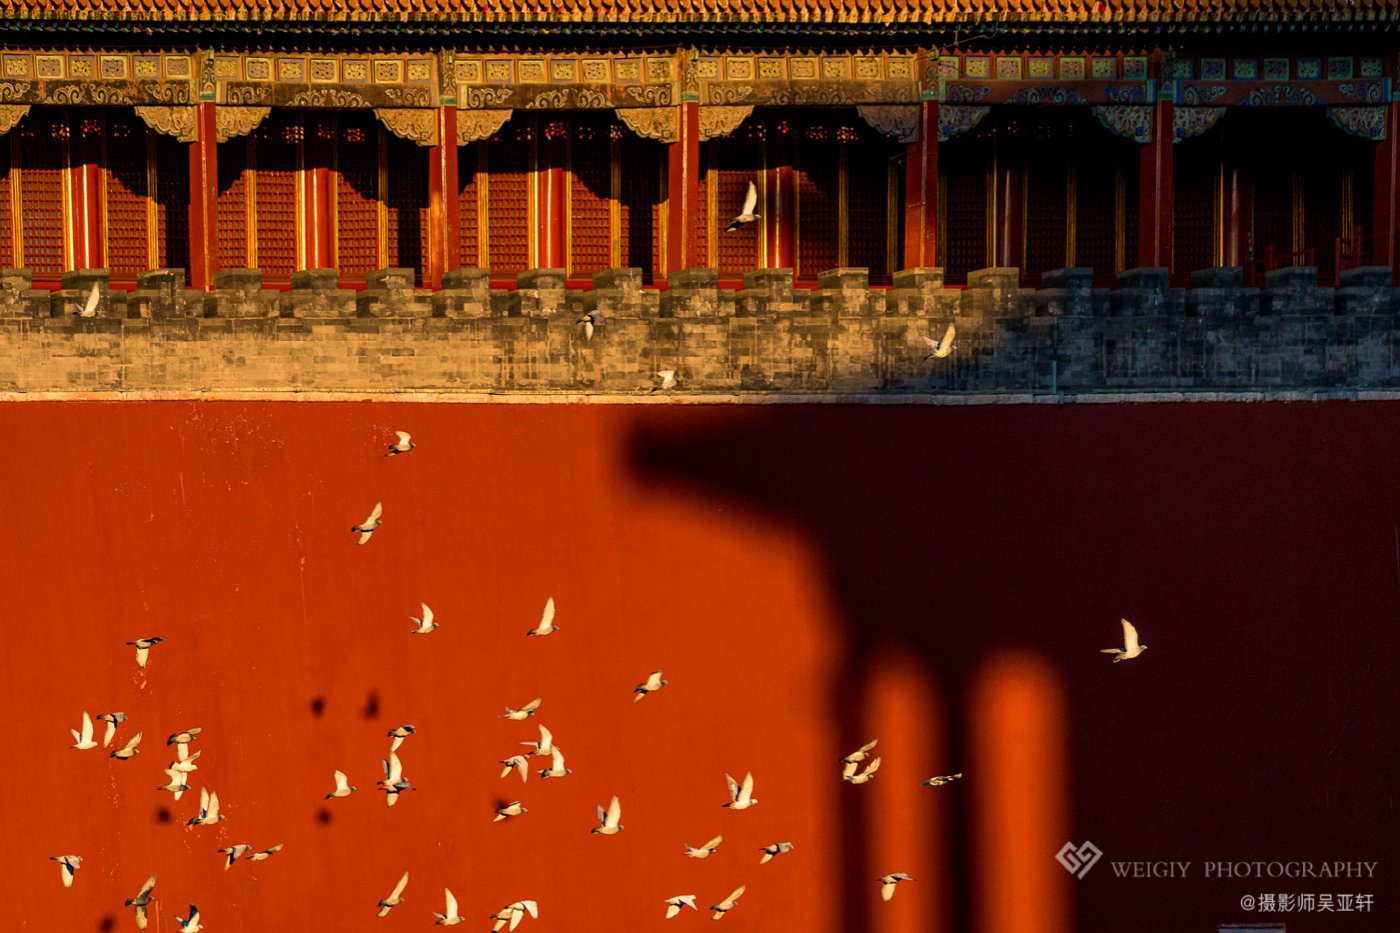 《飞跃古今》——12.16 北京故宫